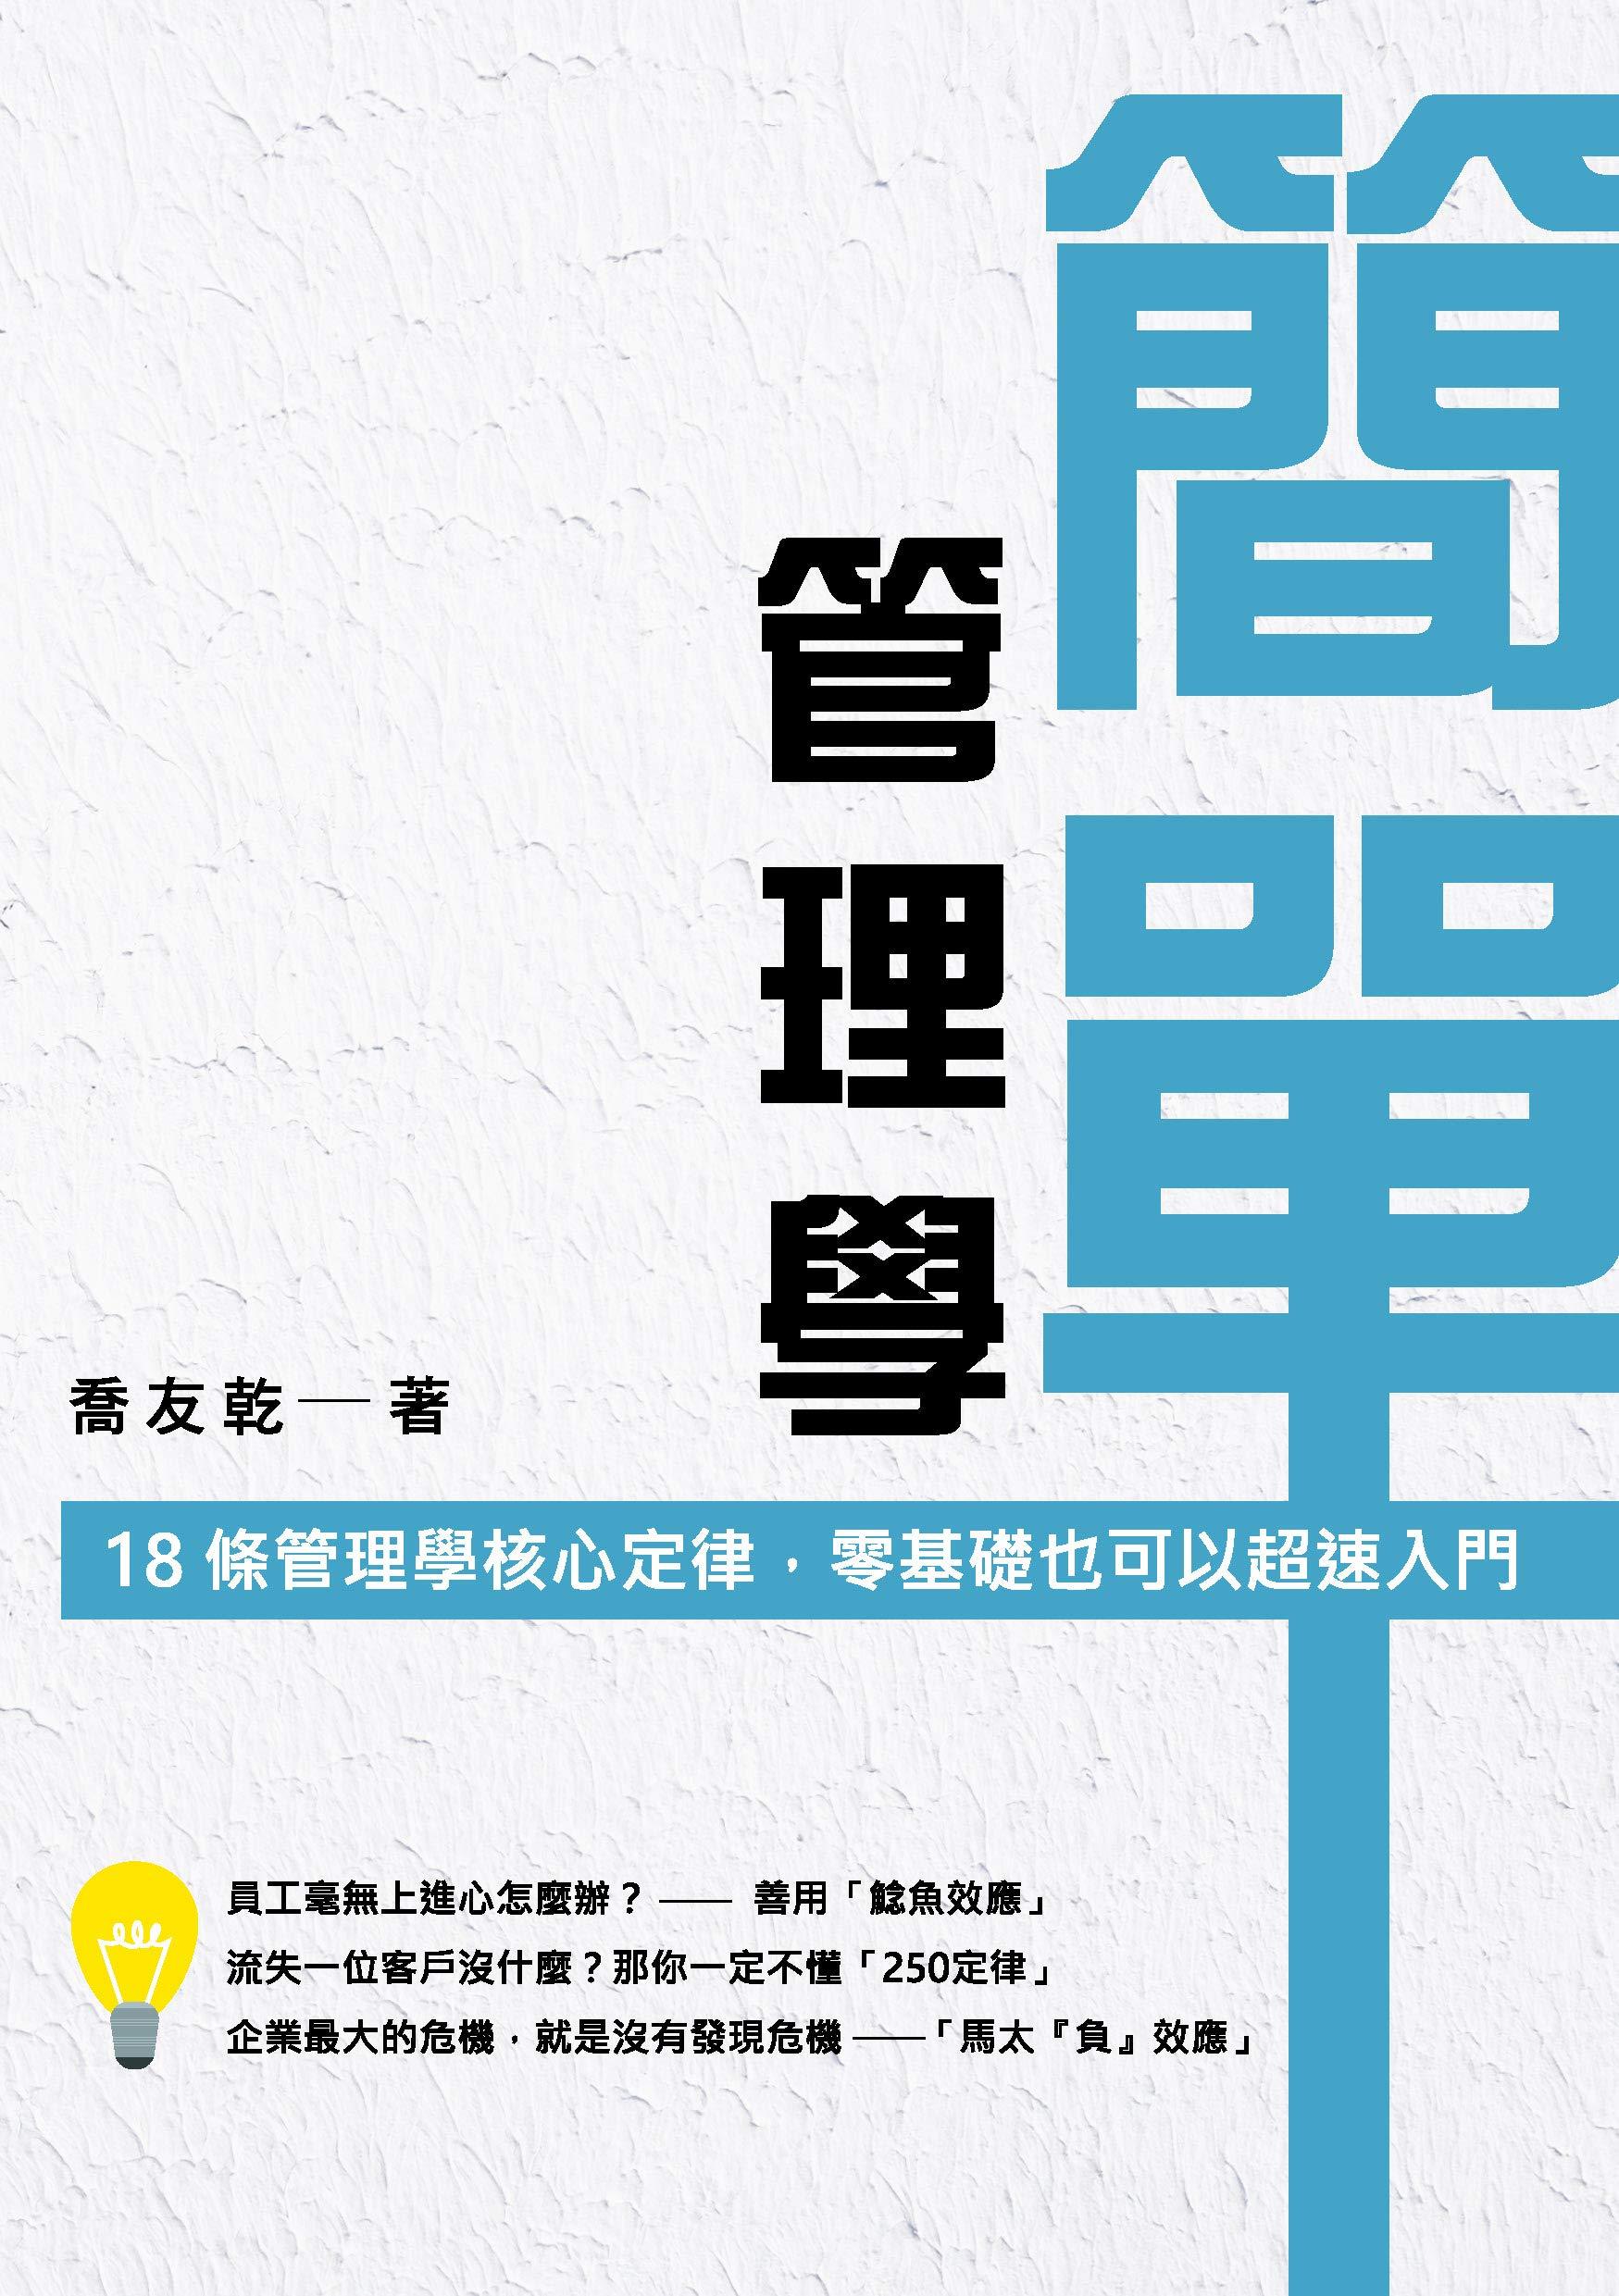 簡單管理學:18 條管理學核心定律,零基礎也可以超速入門 (Traditional Chinese Edition)